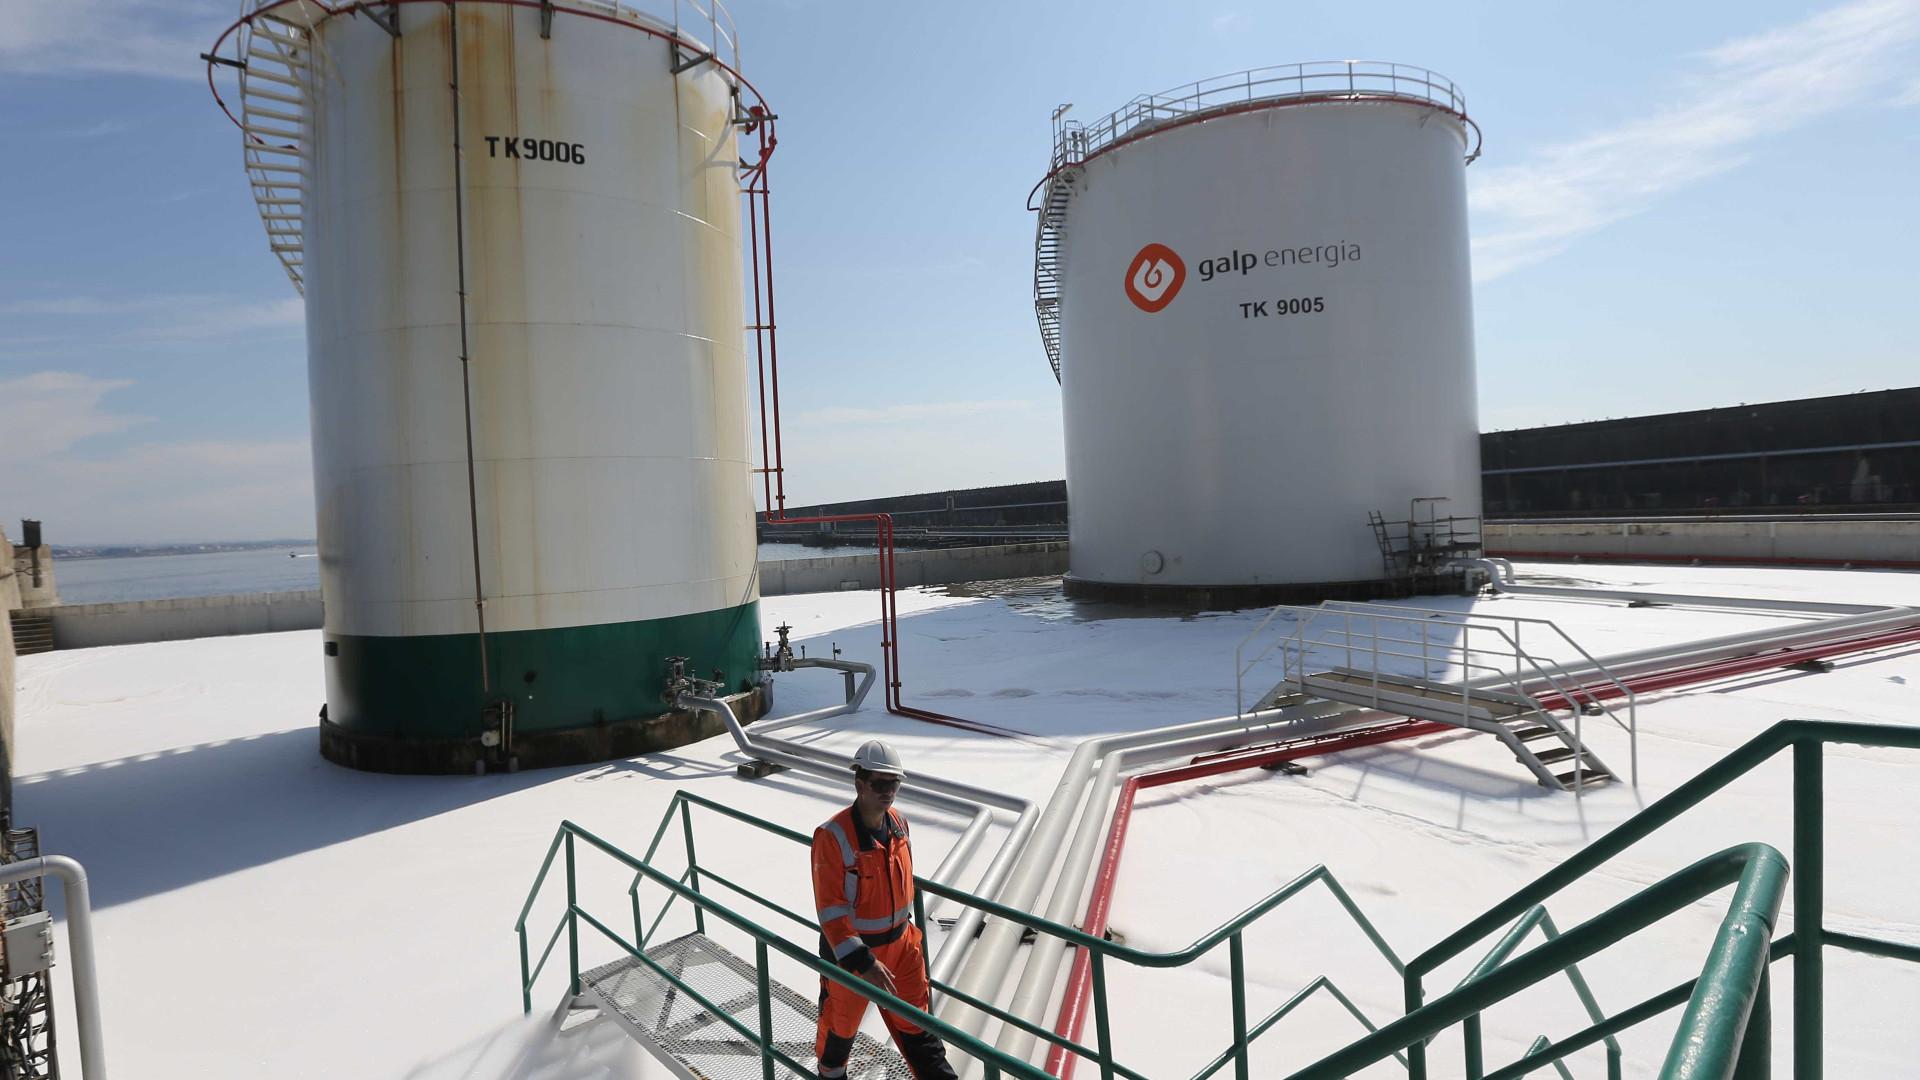 Produção de petróleo da Galp sobe 17% no 4.º trimestre